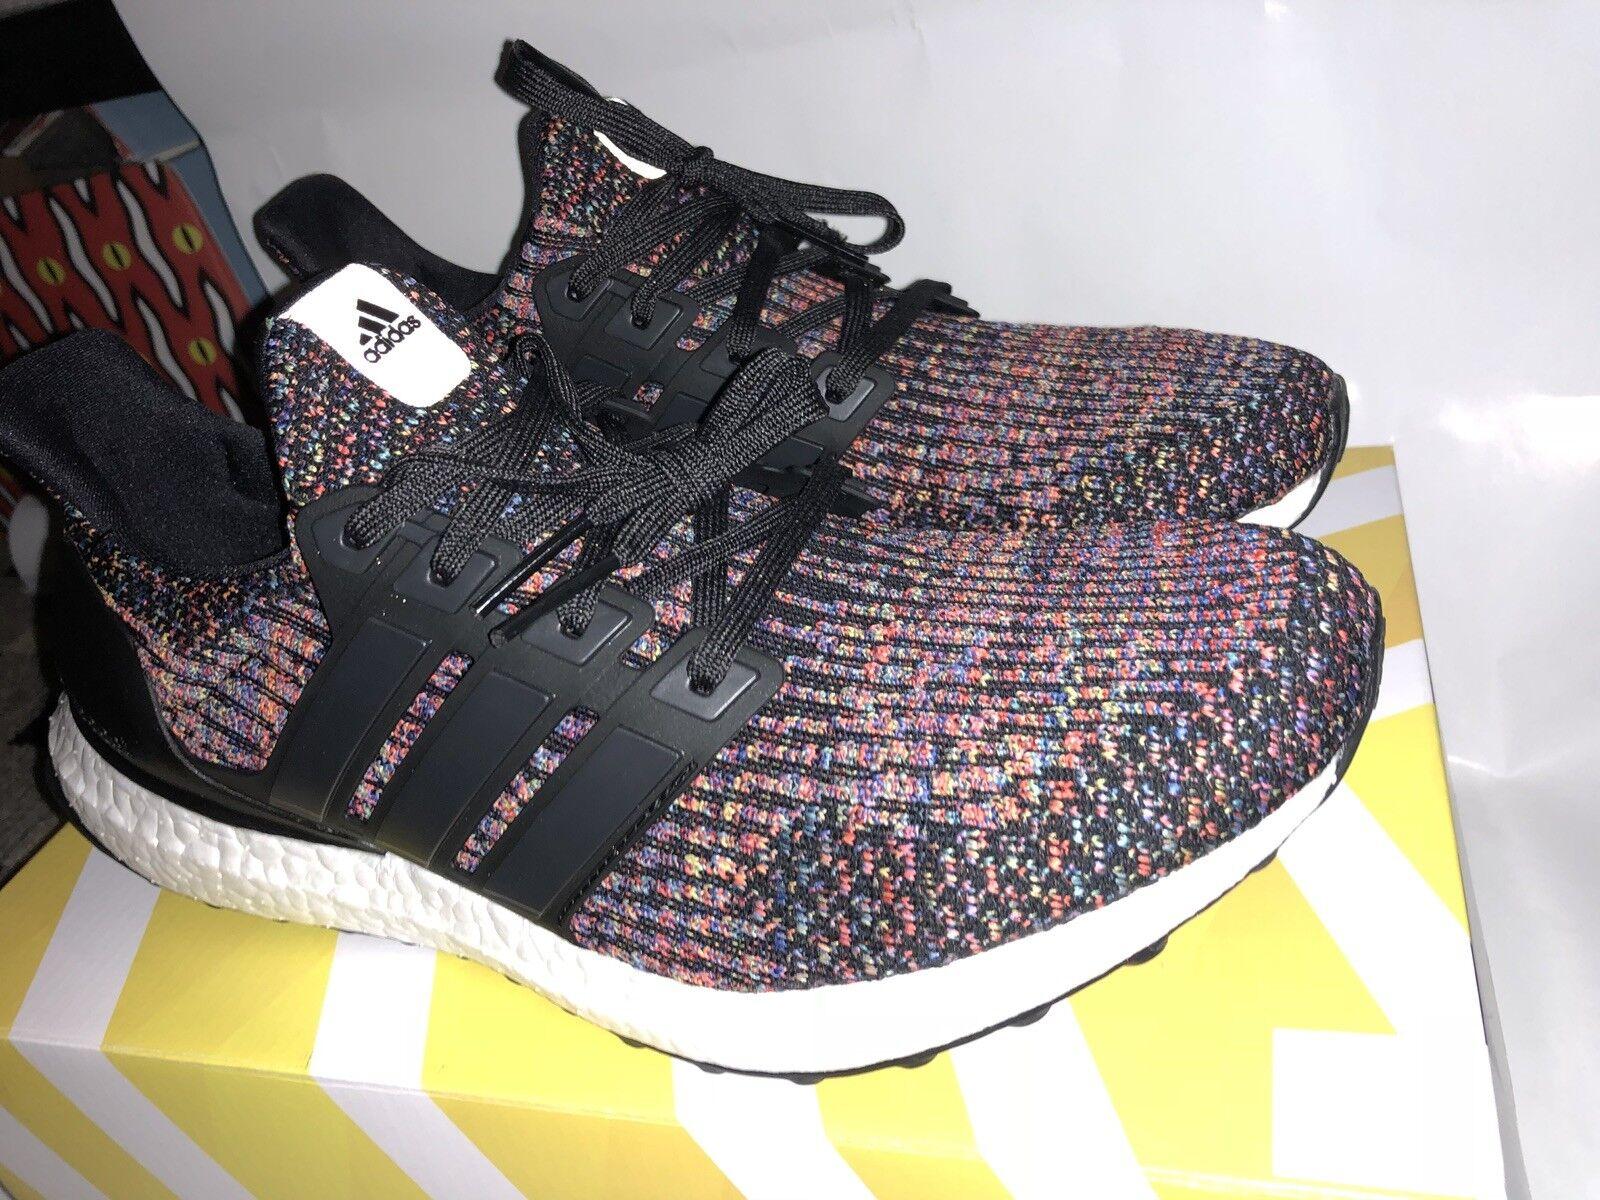 Adidas ultra impulso multicolore 3,0 ds 9,5 numero 9,5 ds 8d950a